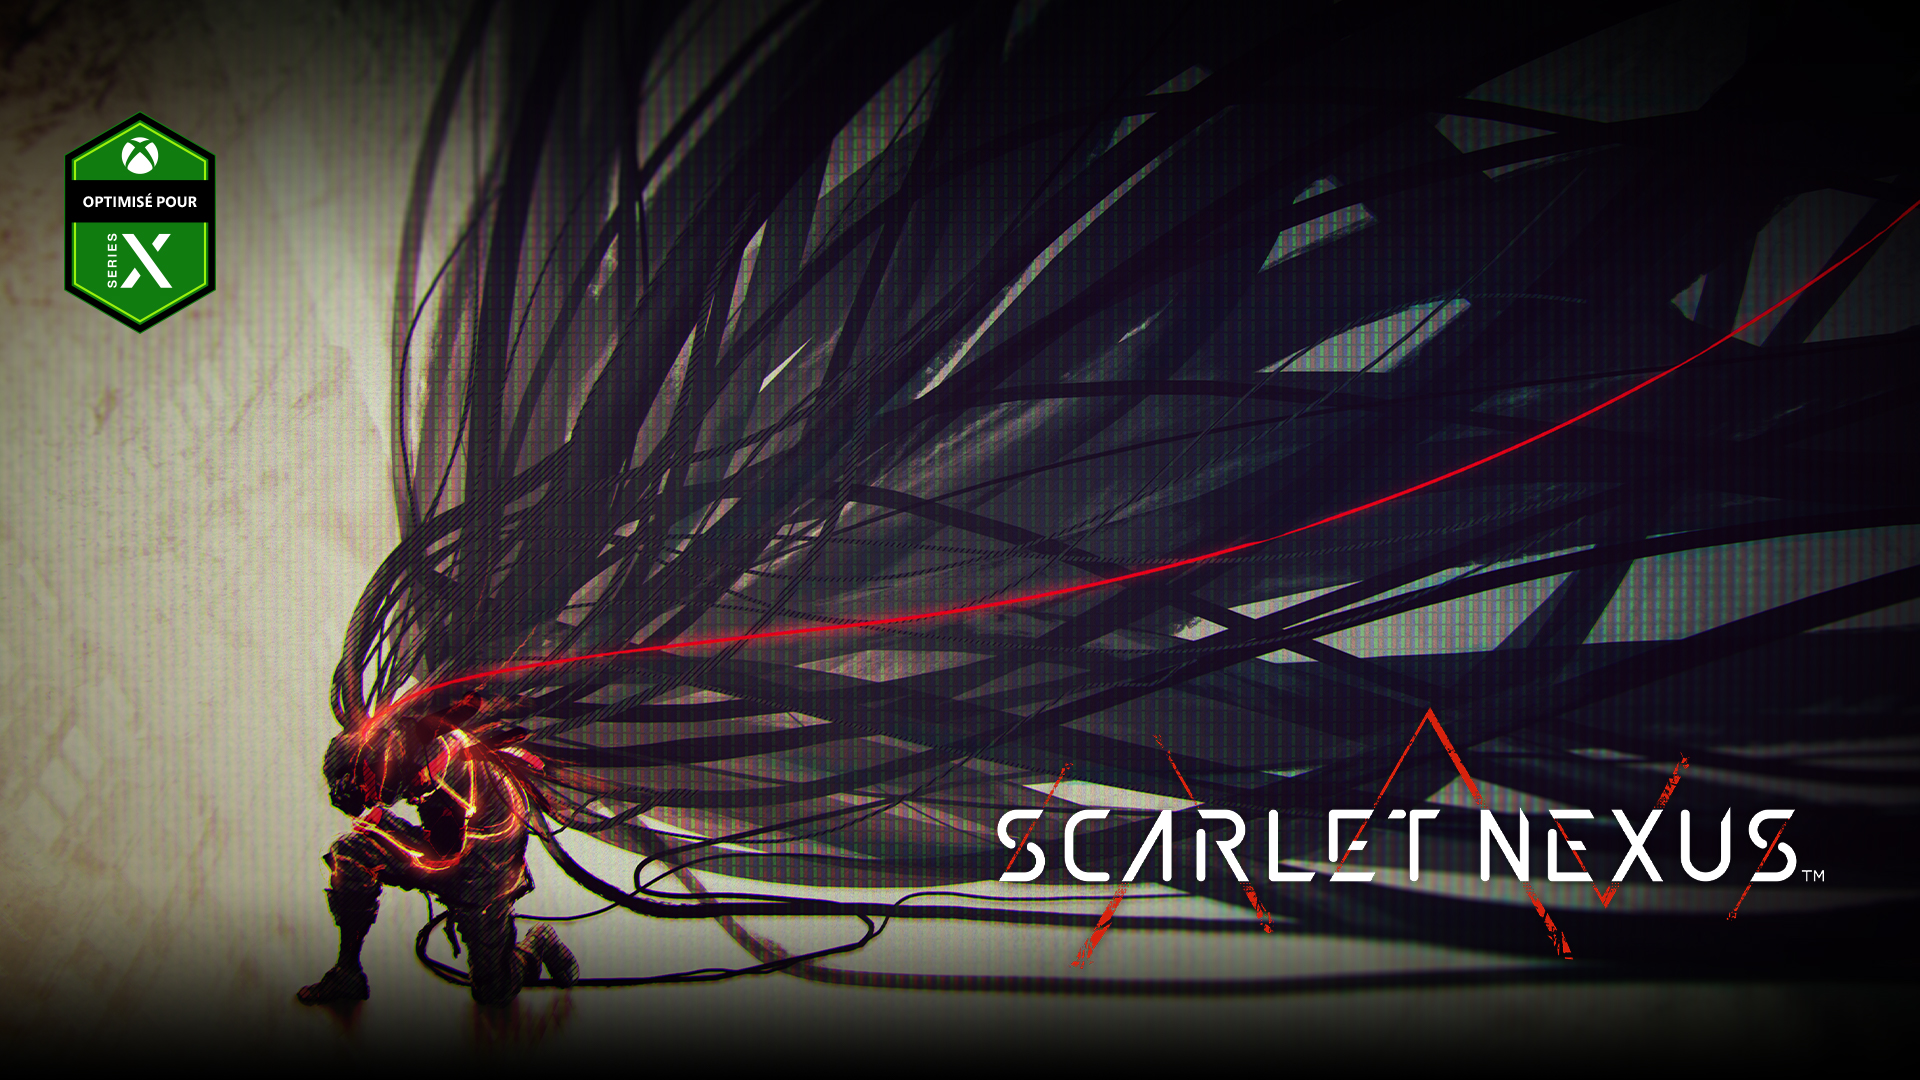 Scarlet Nexus, optimisé pour Xbox Series X - Un homme agenouillé avec de grands filaments ressemblant à des mèches de cheveux émanant de son corps